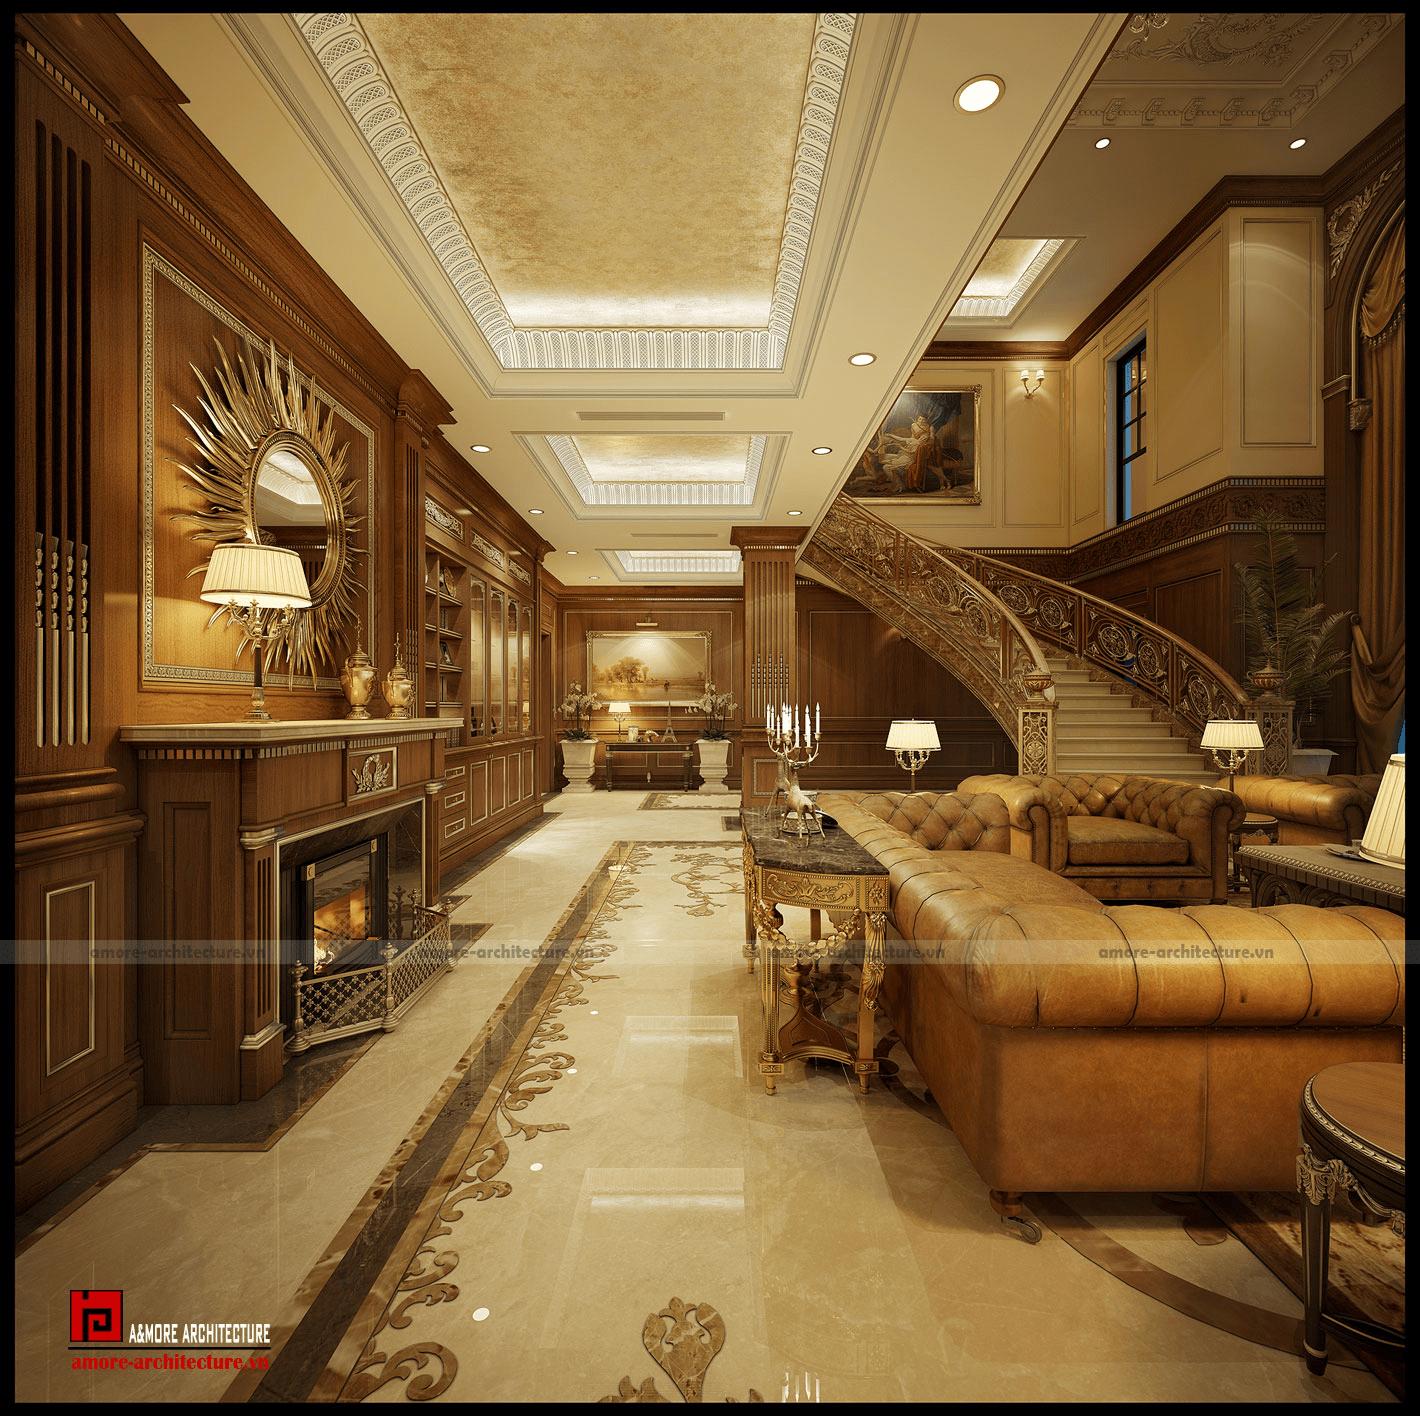 thiết kế nội thất biệt thự cổ điển quý phái